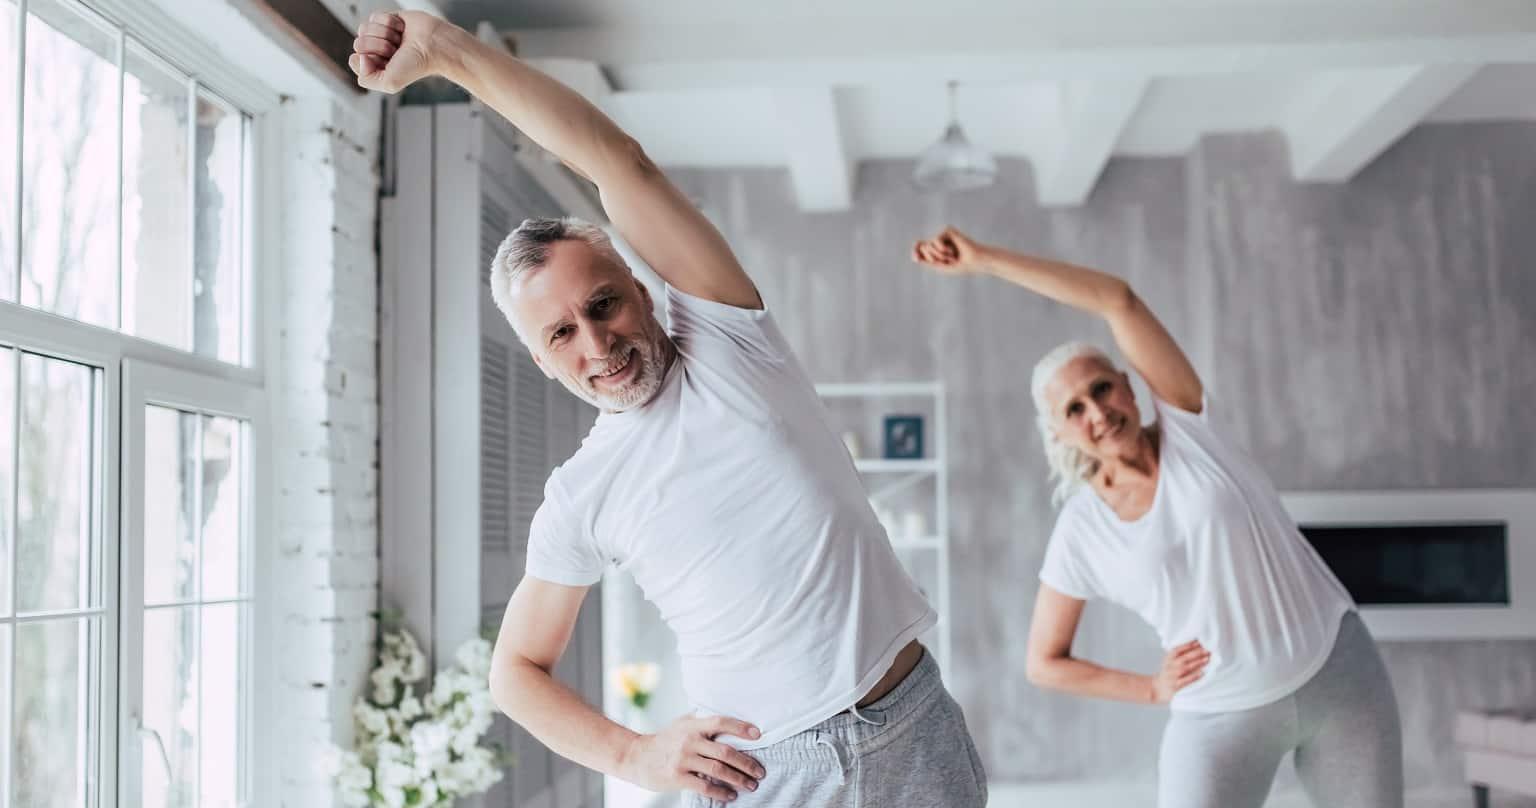 Sciatica Stretches for the Elderly